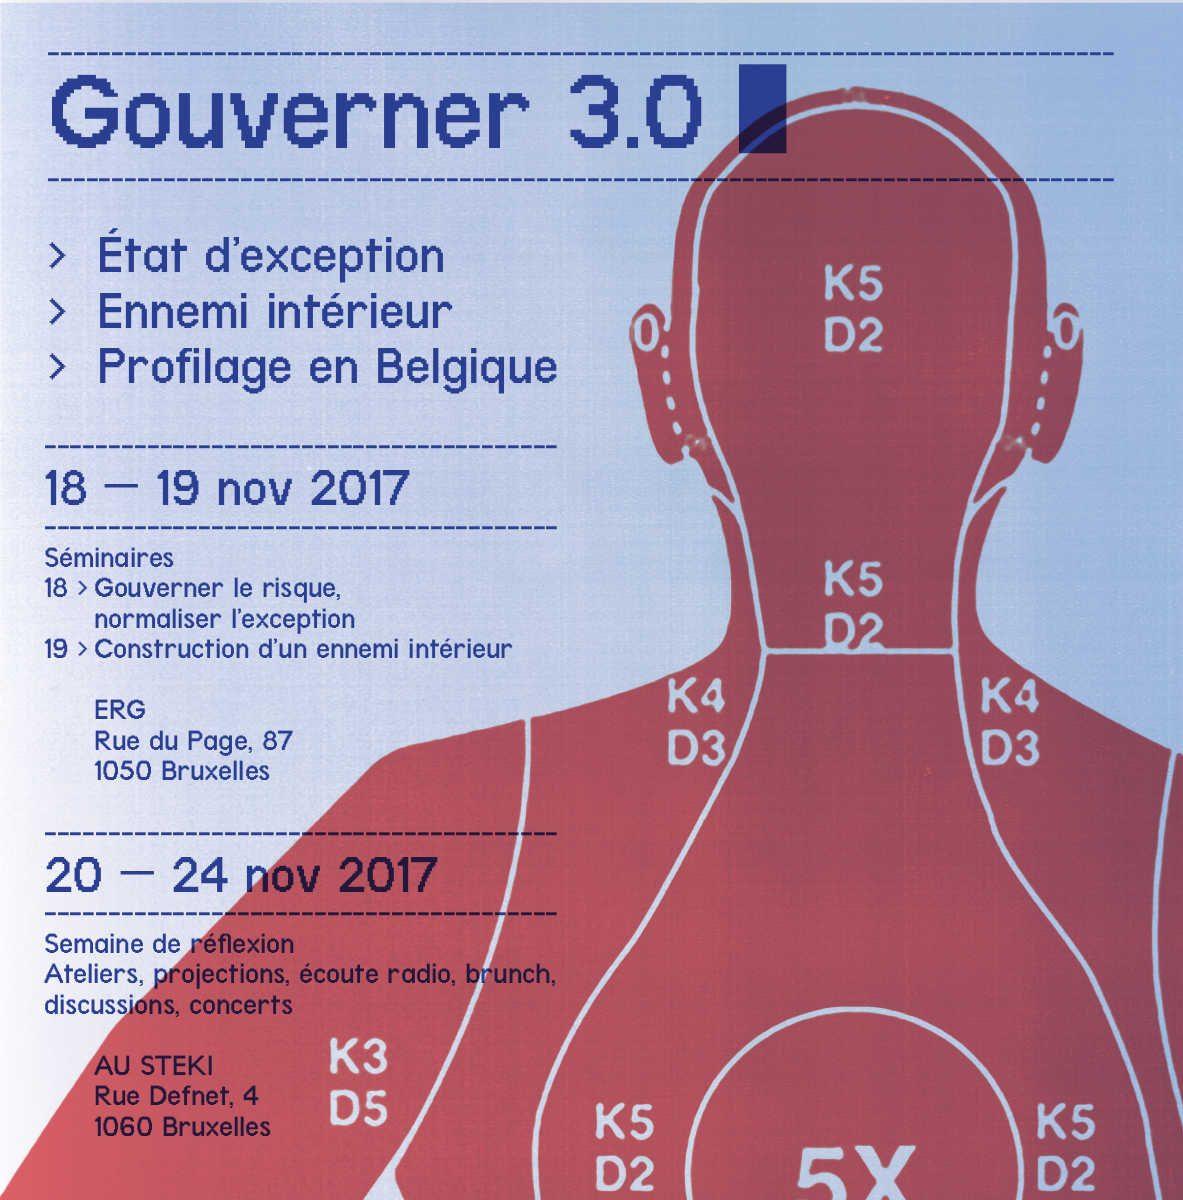 Gouverner 3.0 : état d'exception, ennemi intérieur et profilage en Belgique.